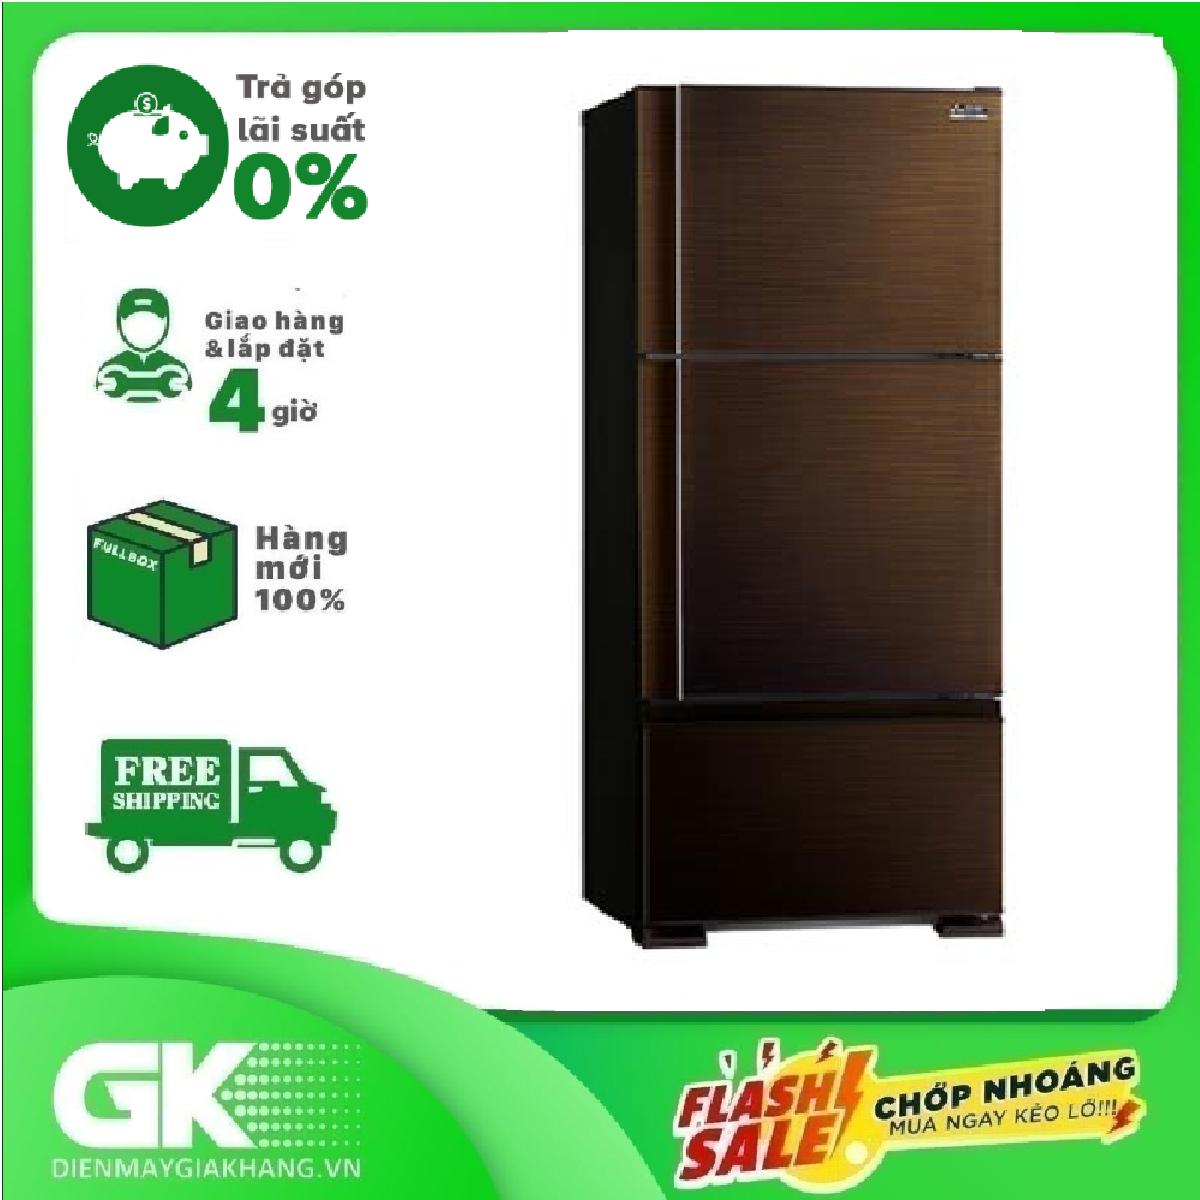 [GIAO HÀNG 2 – 15 NGÀY, TRỄ NHẤT 30.09] Tủ lạnh Mitsubishi Electric MR-V50ER-BRW-V 414 lít Mới 2021